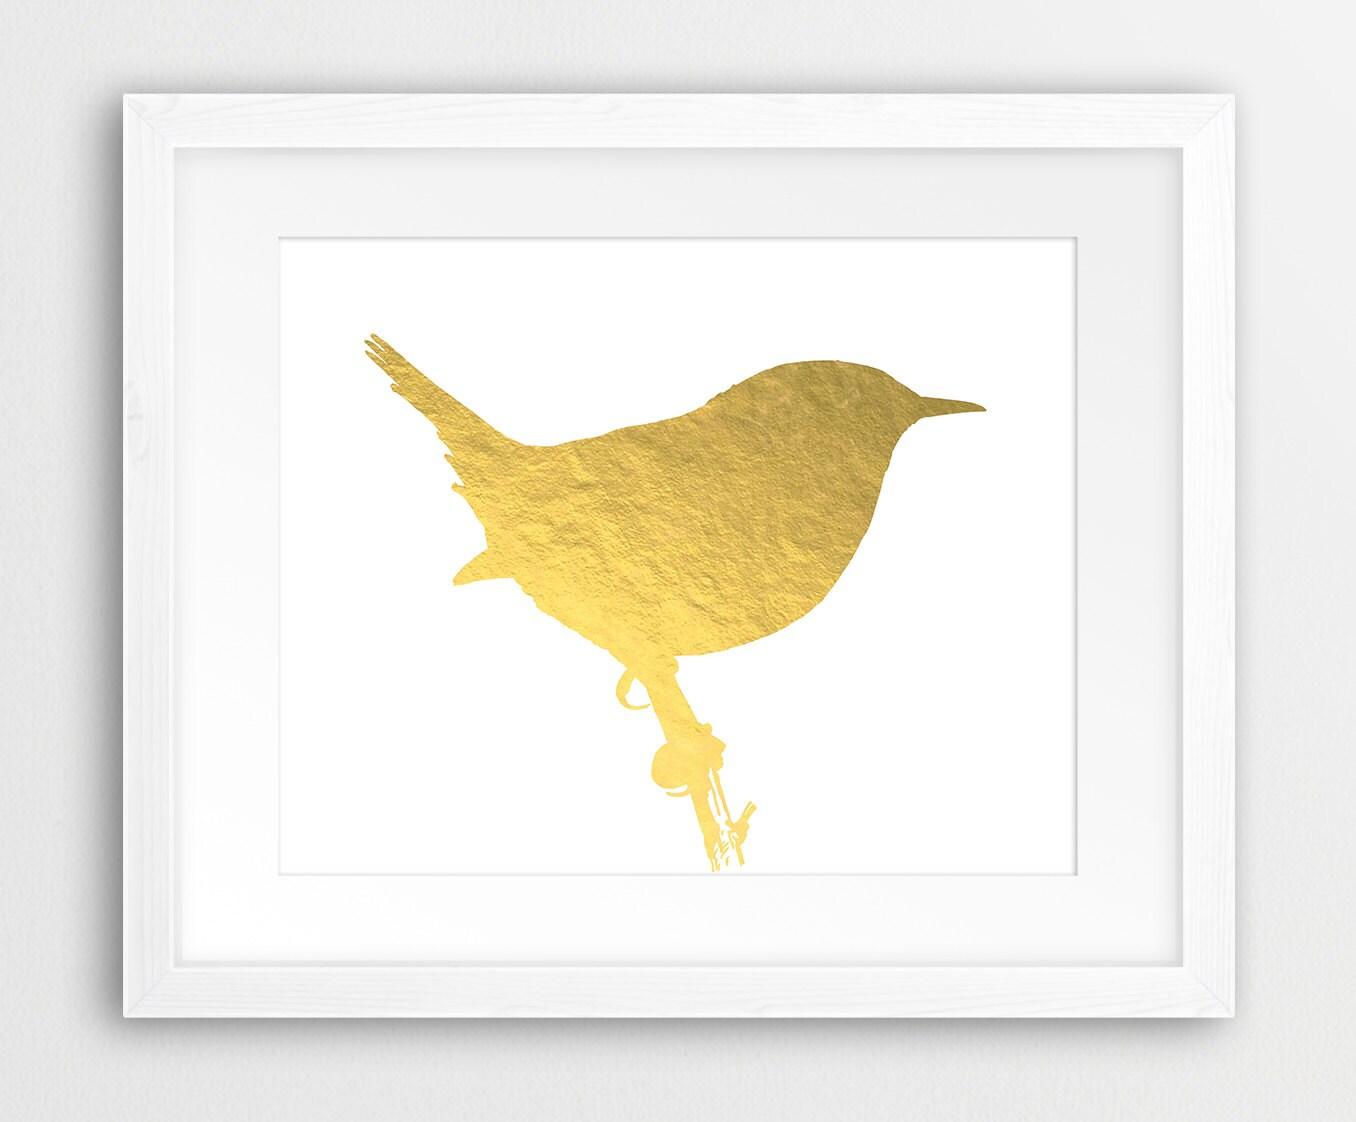 Gold Bird Print Bird Silhouette Gold Foil Texture Gold Bird